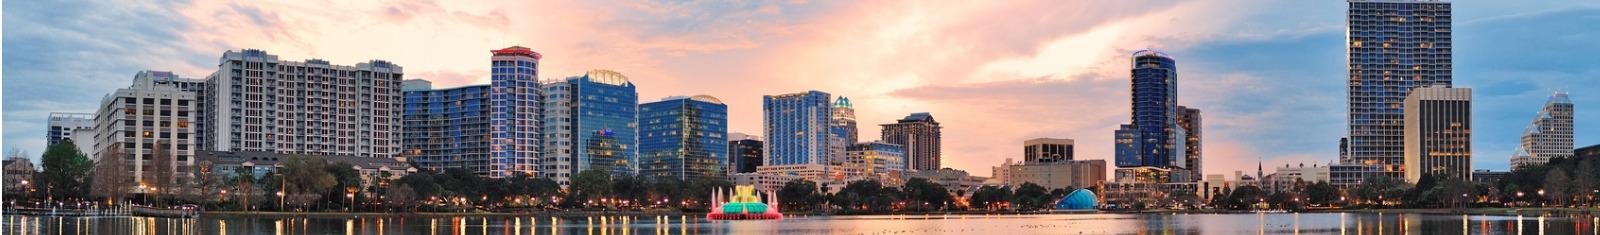 Webdesign309.com Orlando FL Office